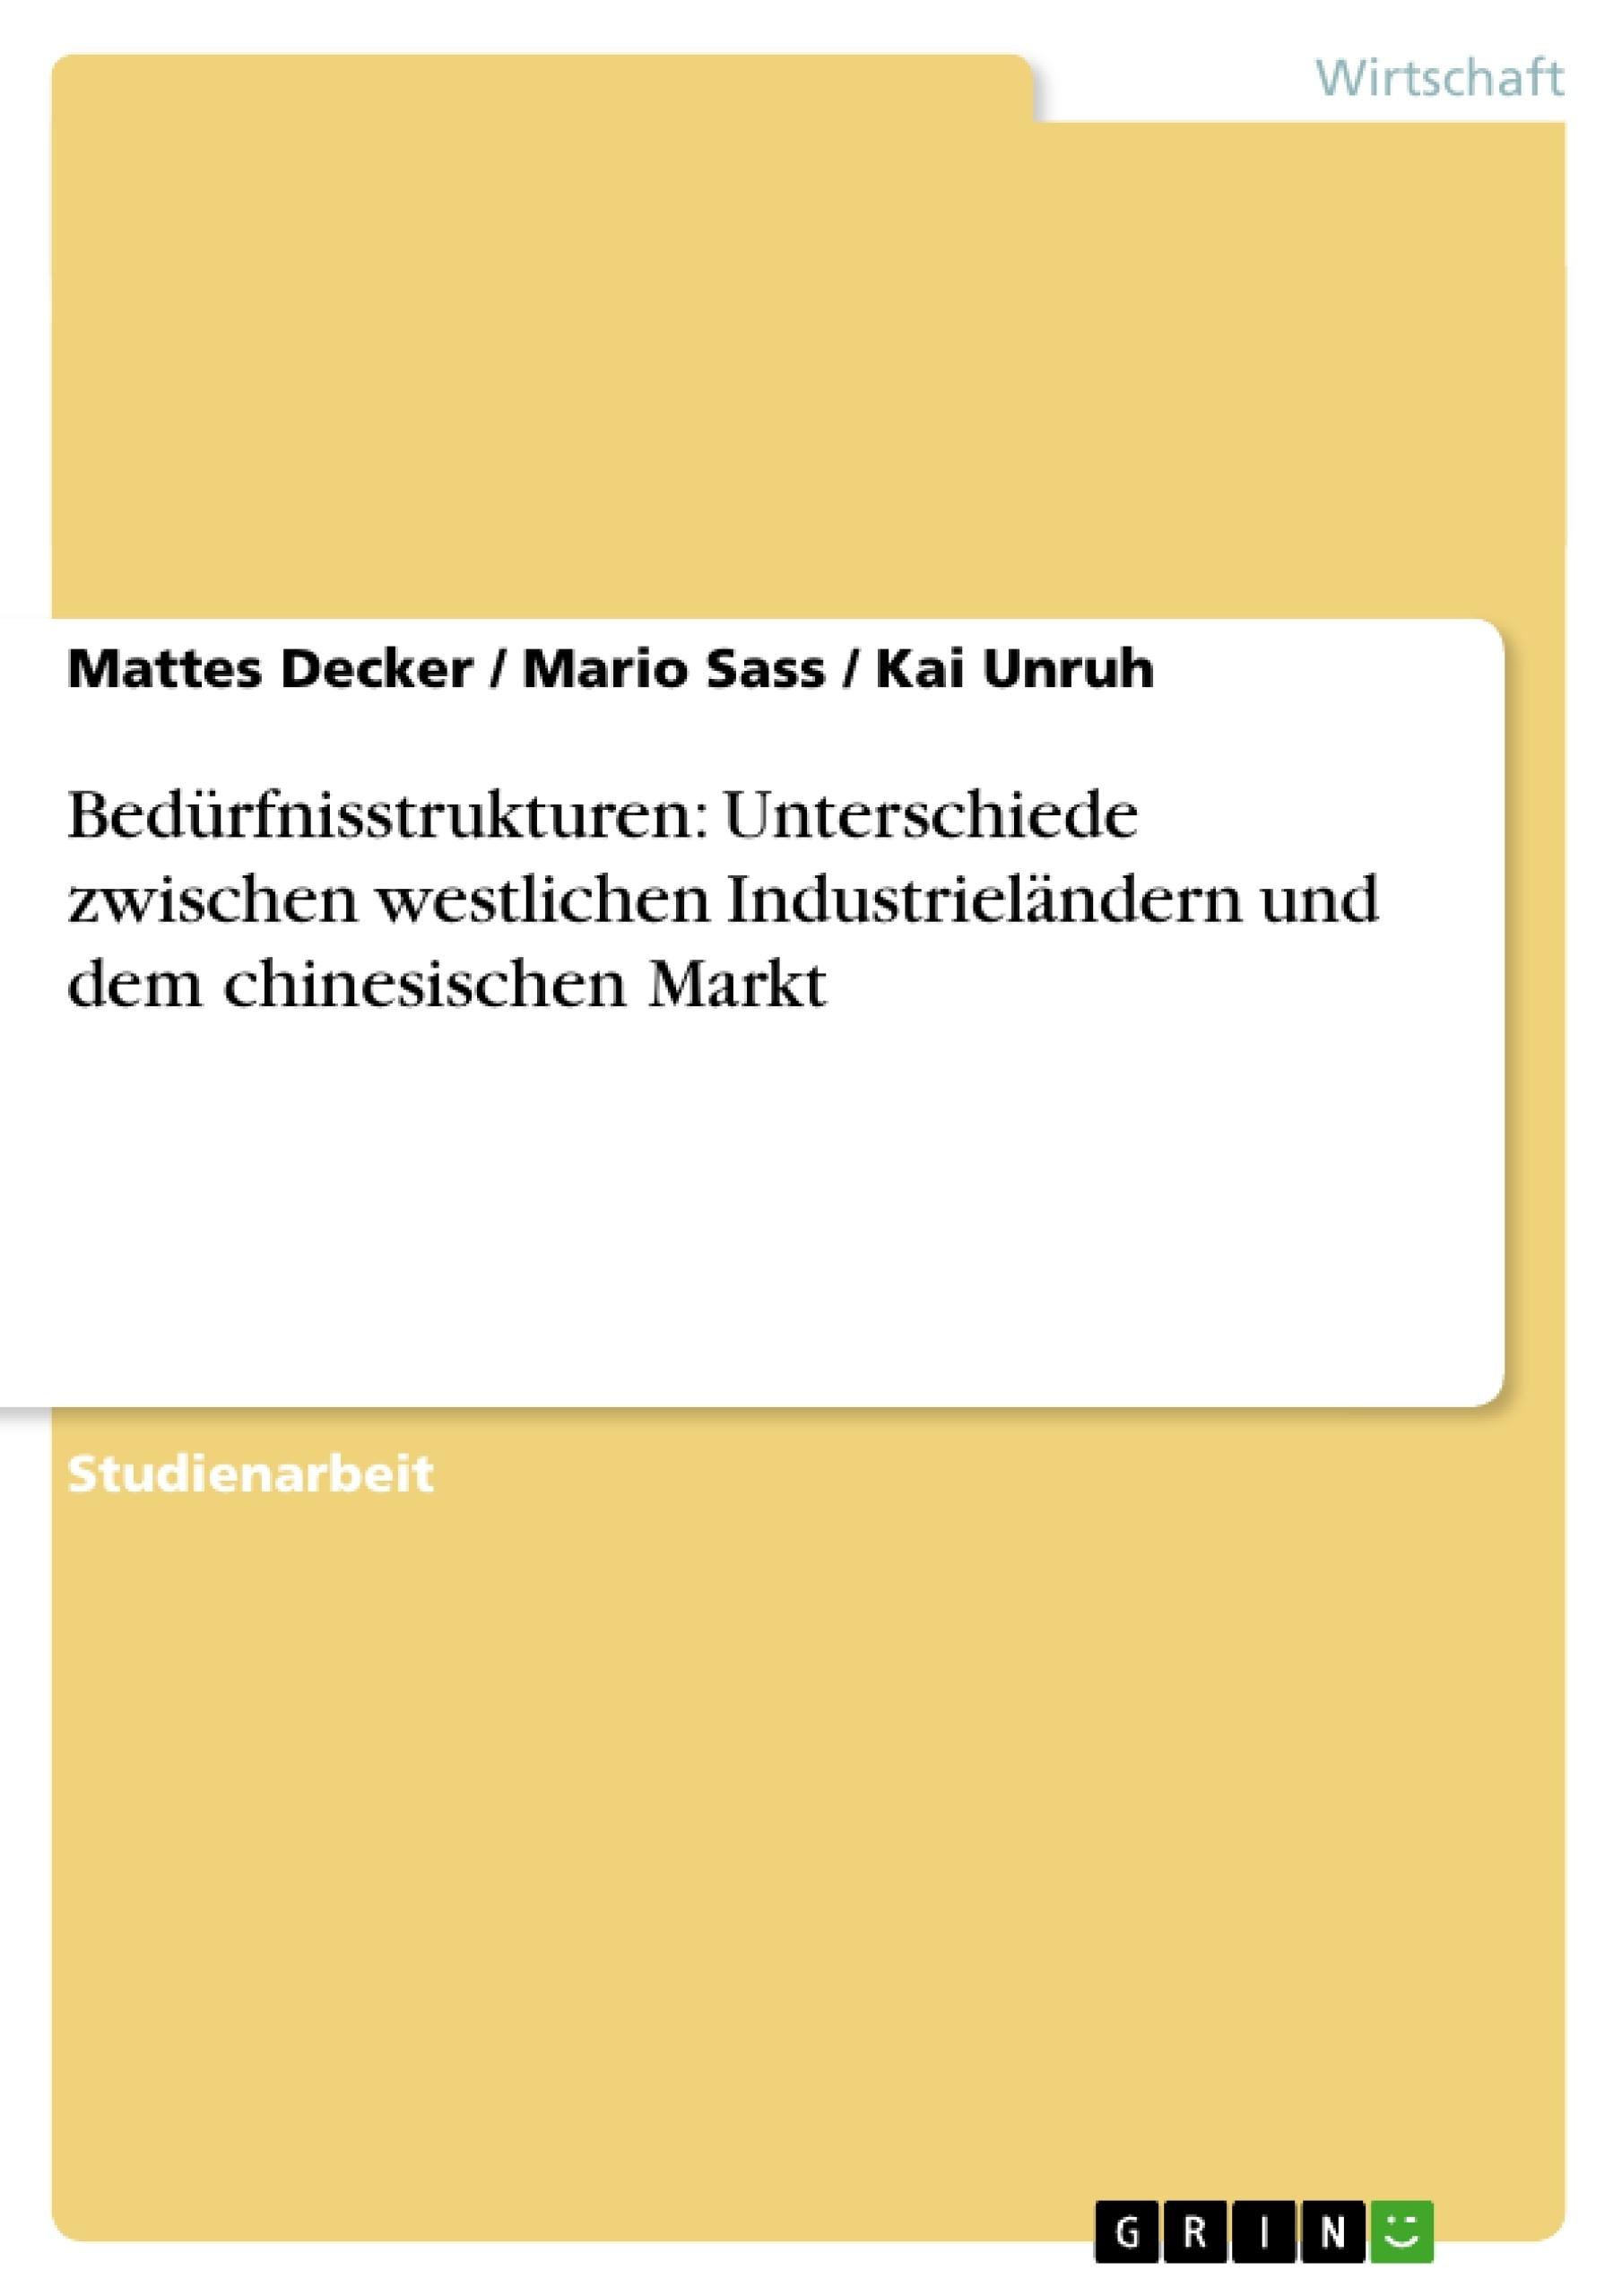 Titel: Bedürfnisstrukturen: Unterschiede zwischen westlichen Industrieländern und dem chinesischen Markt